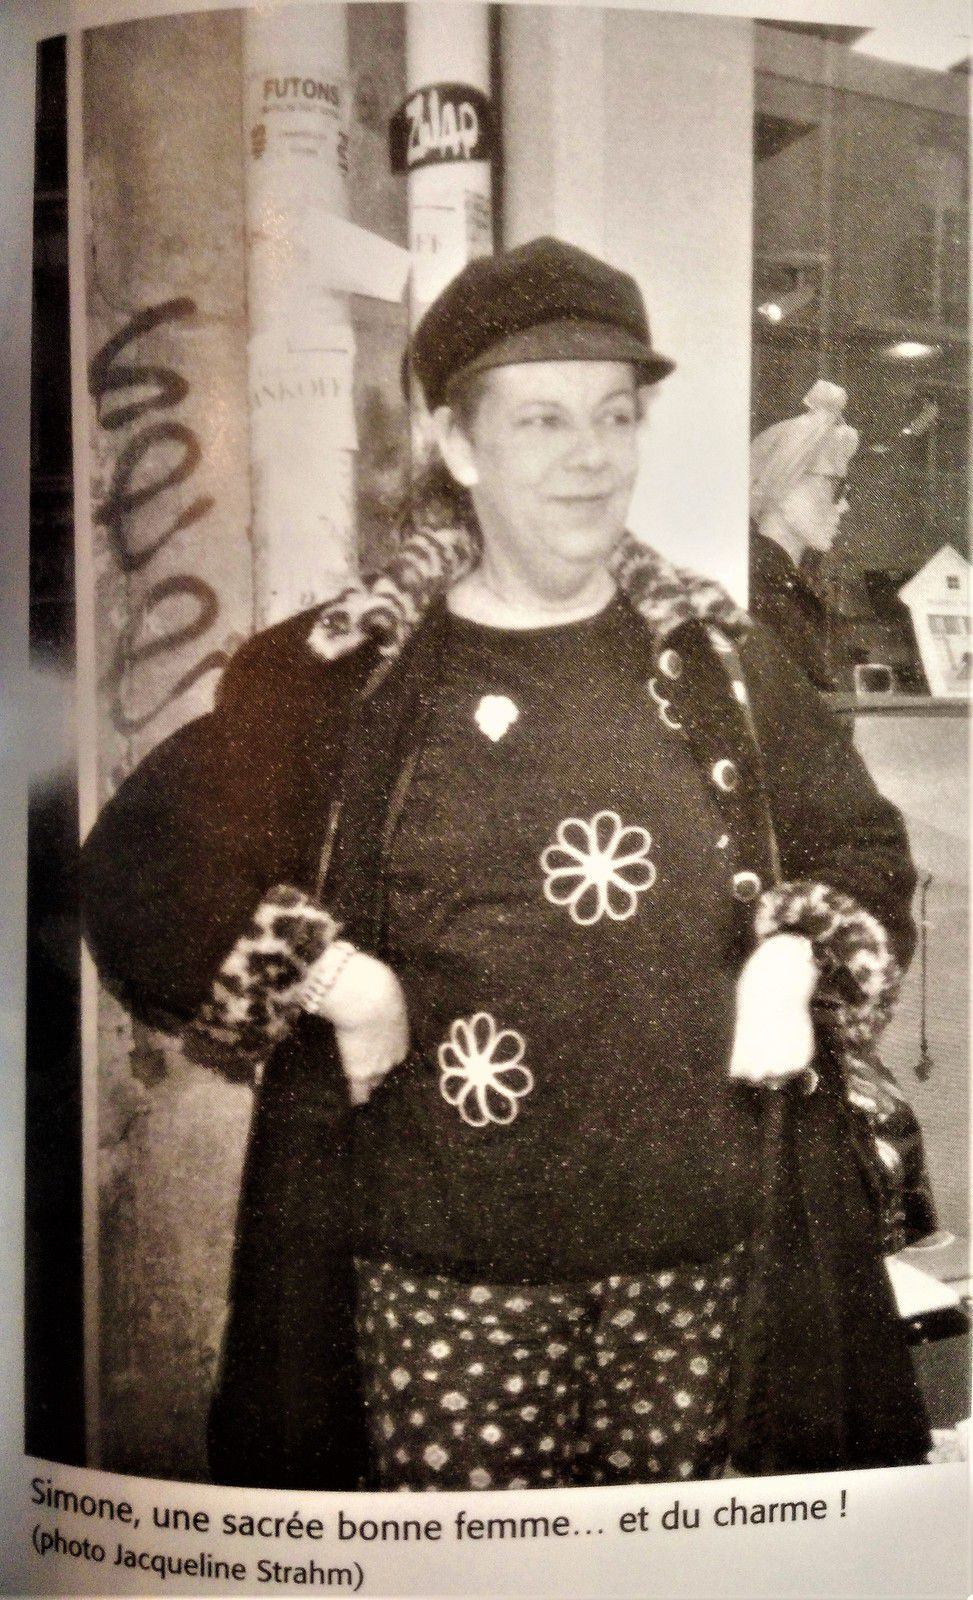 """Cliché pris de Simone à Montmartre par Jacqueline Strahm et publié dans son livre """"Montmartre...Beaux jours et belles de nuit"""" où l'auteure raconte sa rencontre avec Simone (Alain Le Pen à l'état-civil)  en 1991."""